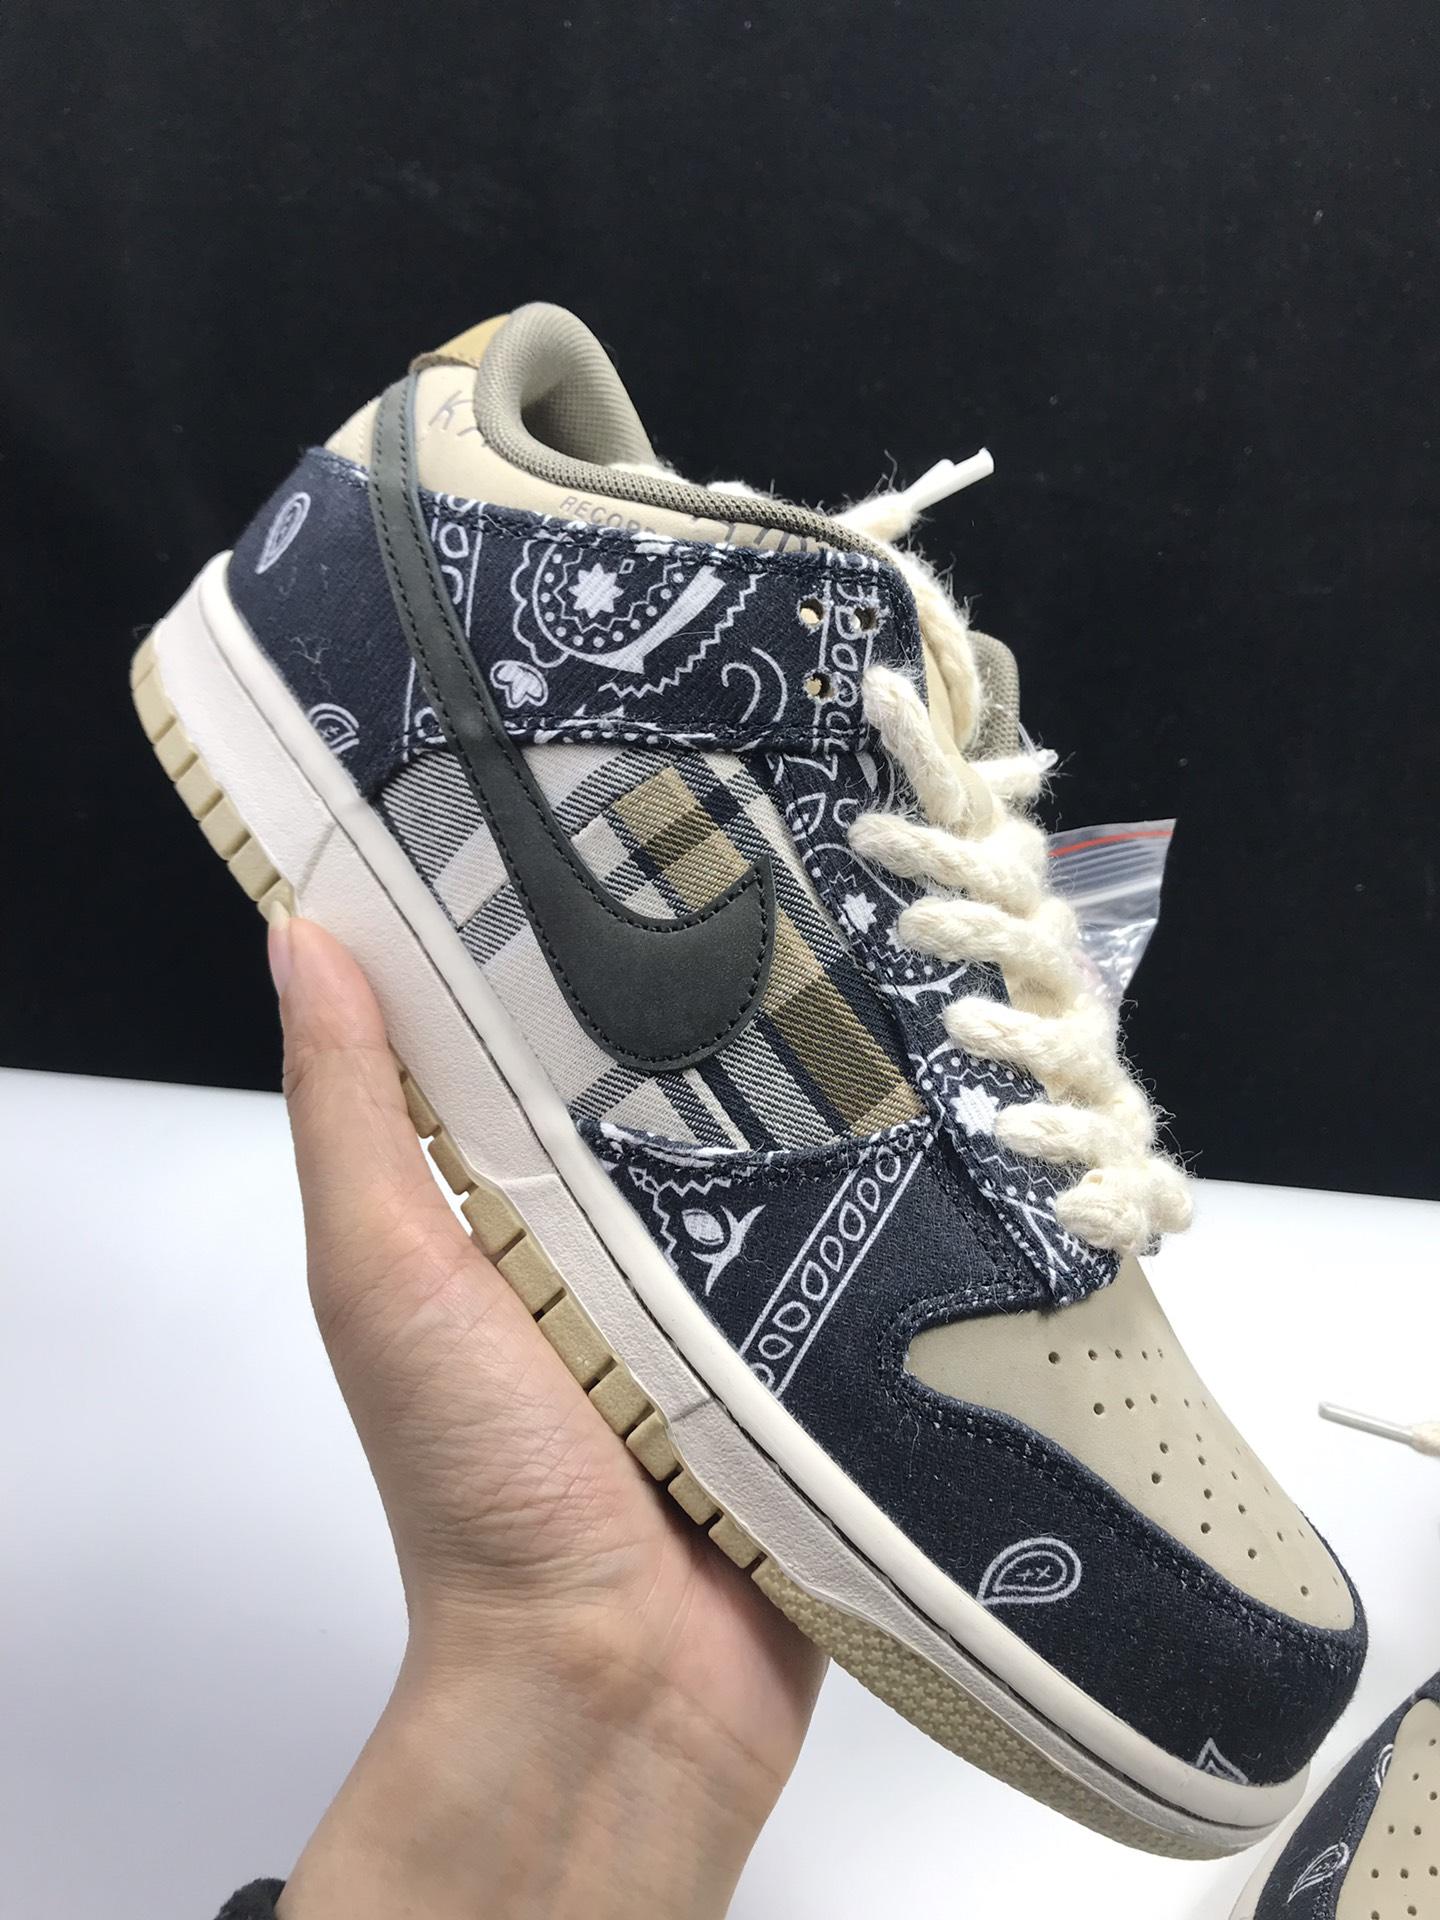 【S2版:TS DUNK】 3.0腰果花  Travis Scott x SB Dunk,货号:CT5053-001_ljr版本有什么鞋做得好的